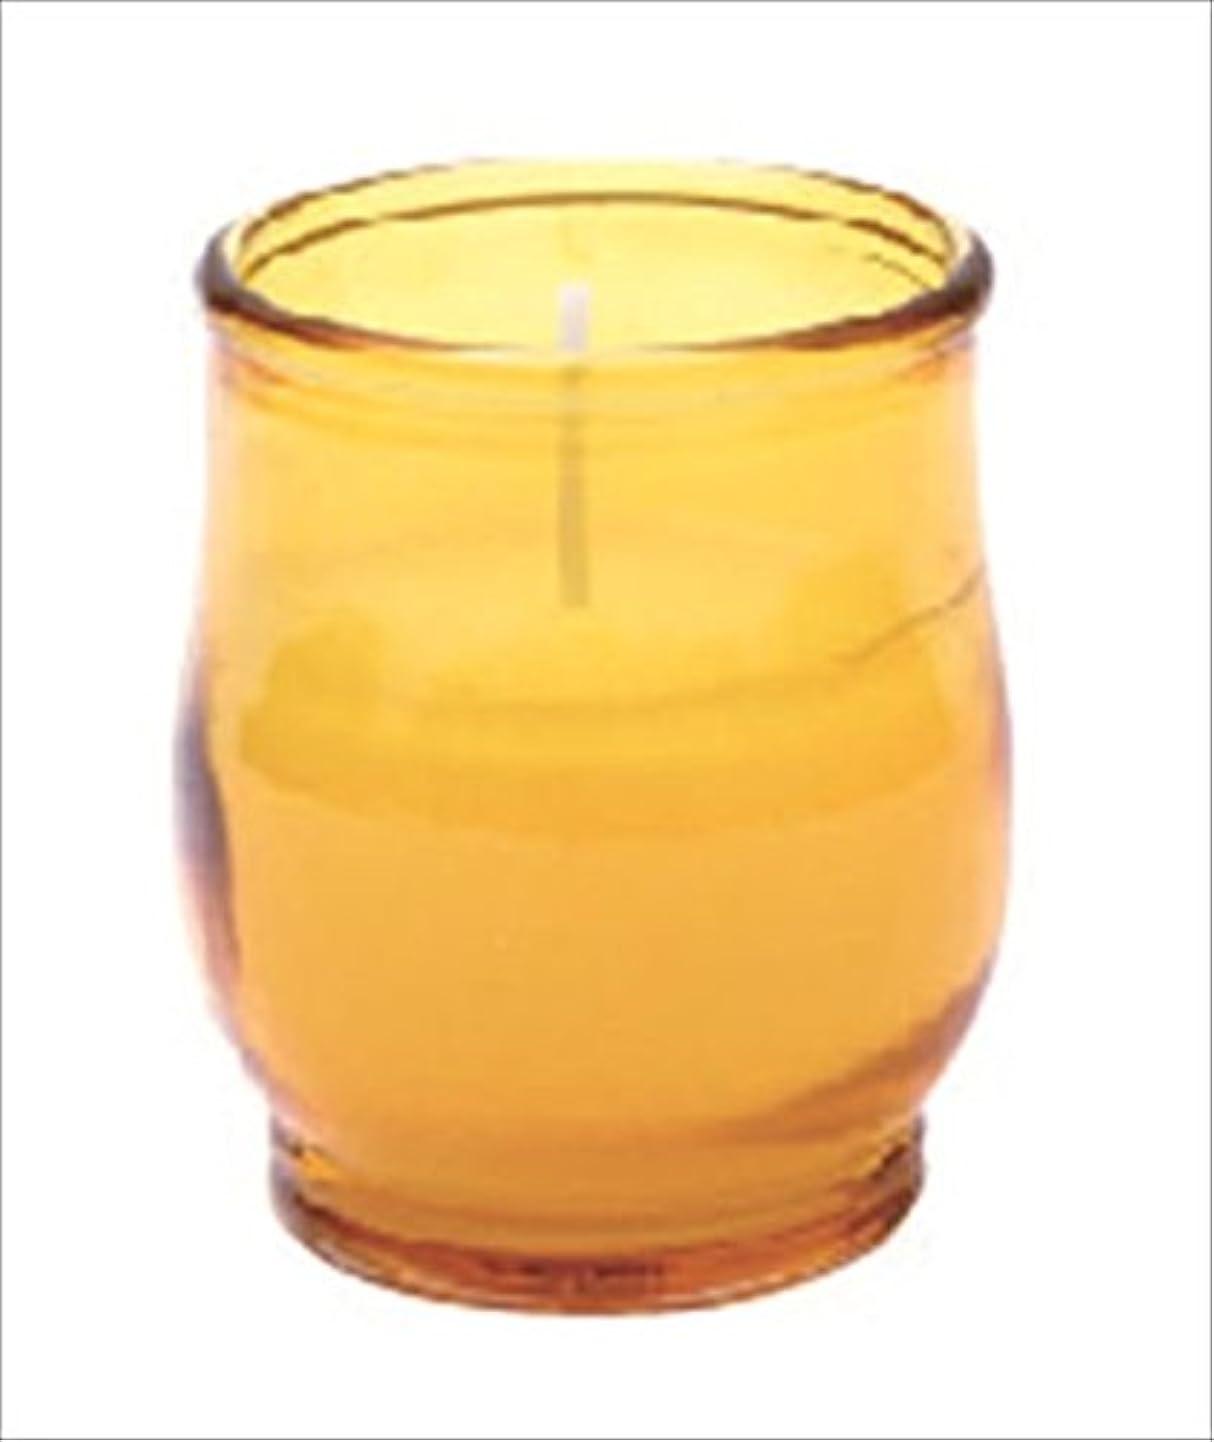 人工オリエンタル囲むkameyama candle(カメヤマキャンドル) ポシェ 「 アンバー 」 キャンドル 68x68x80mm (73020040AM)